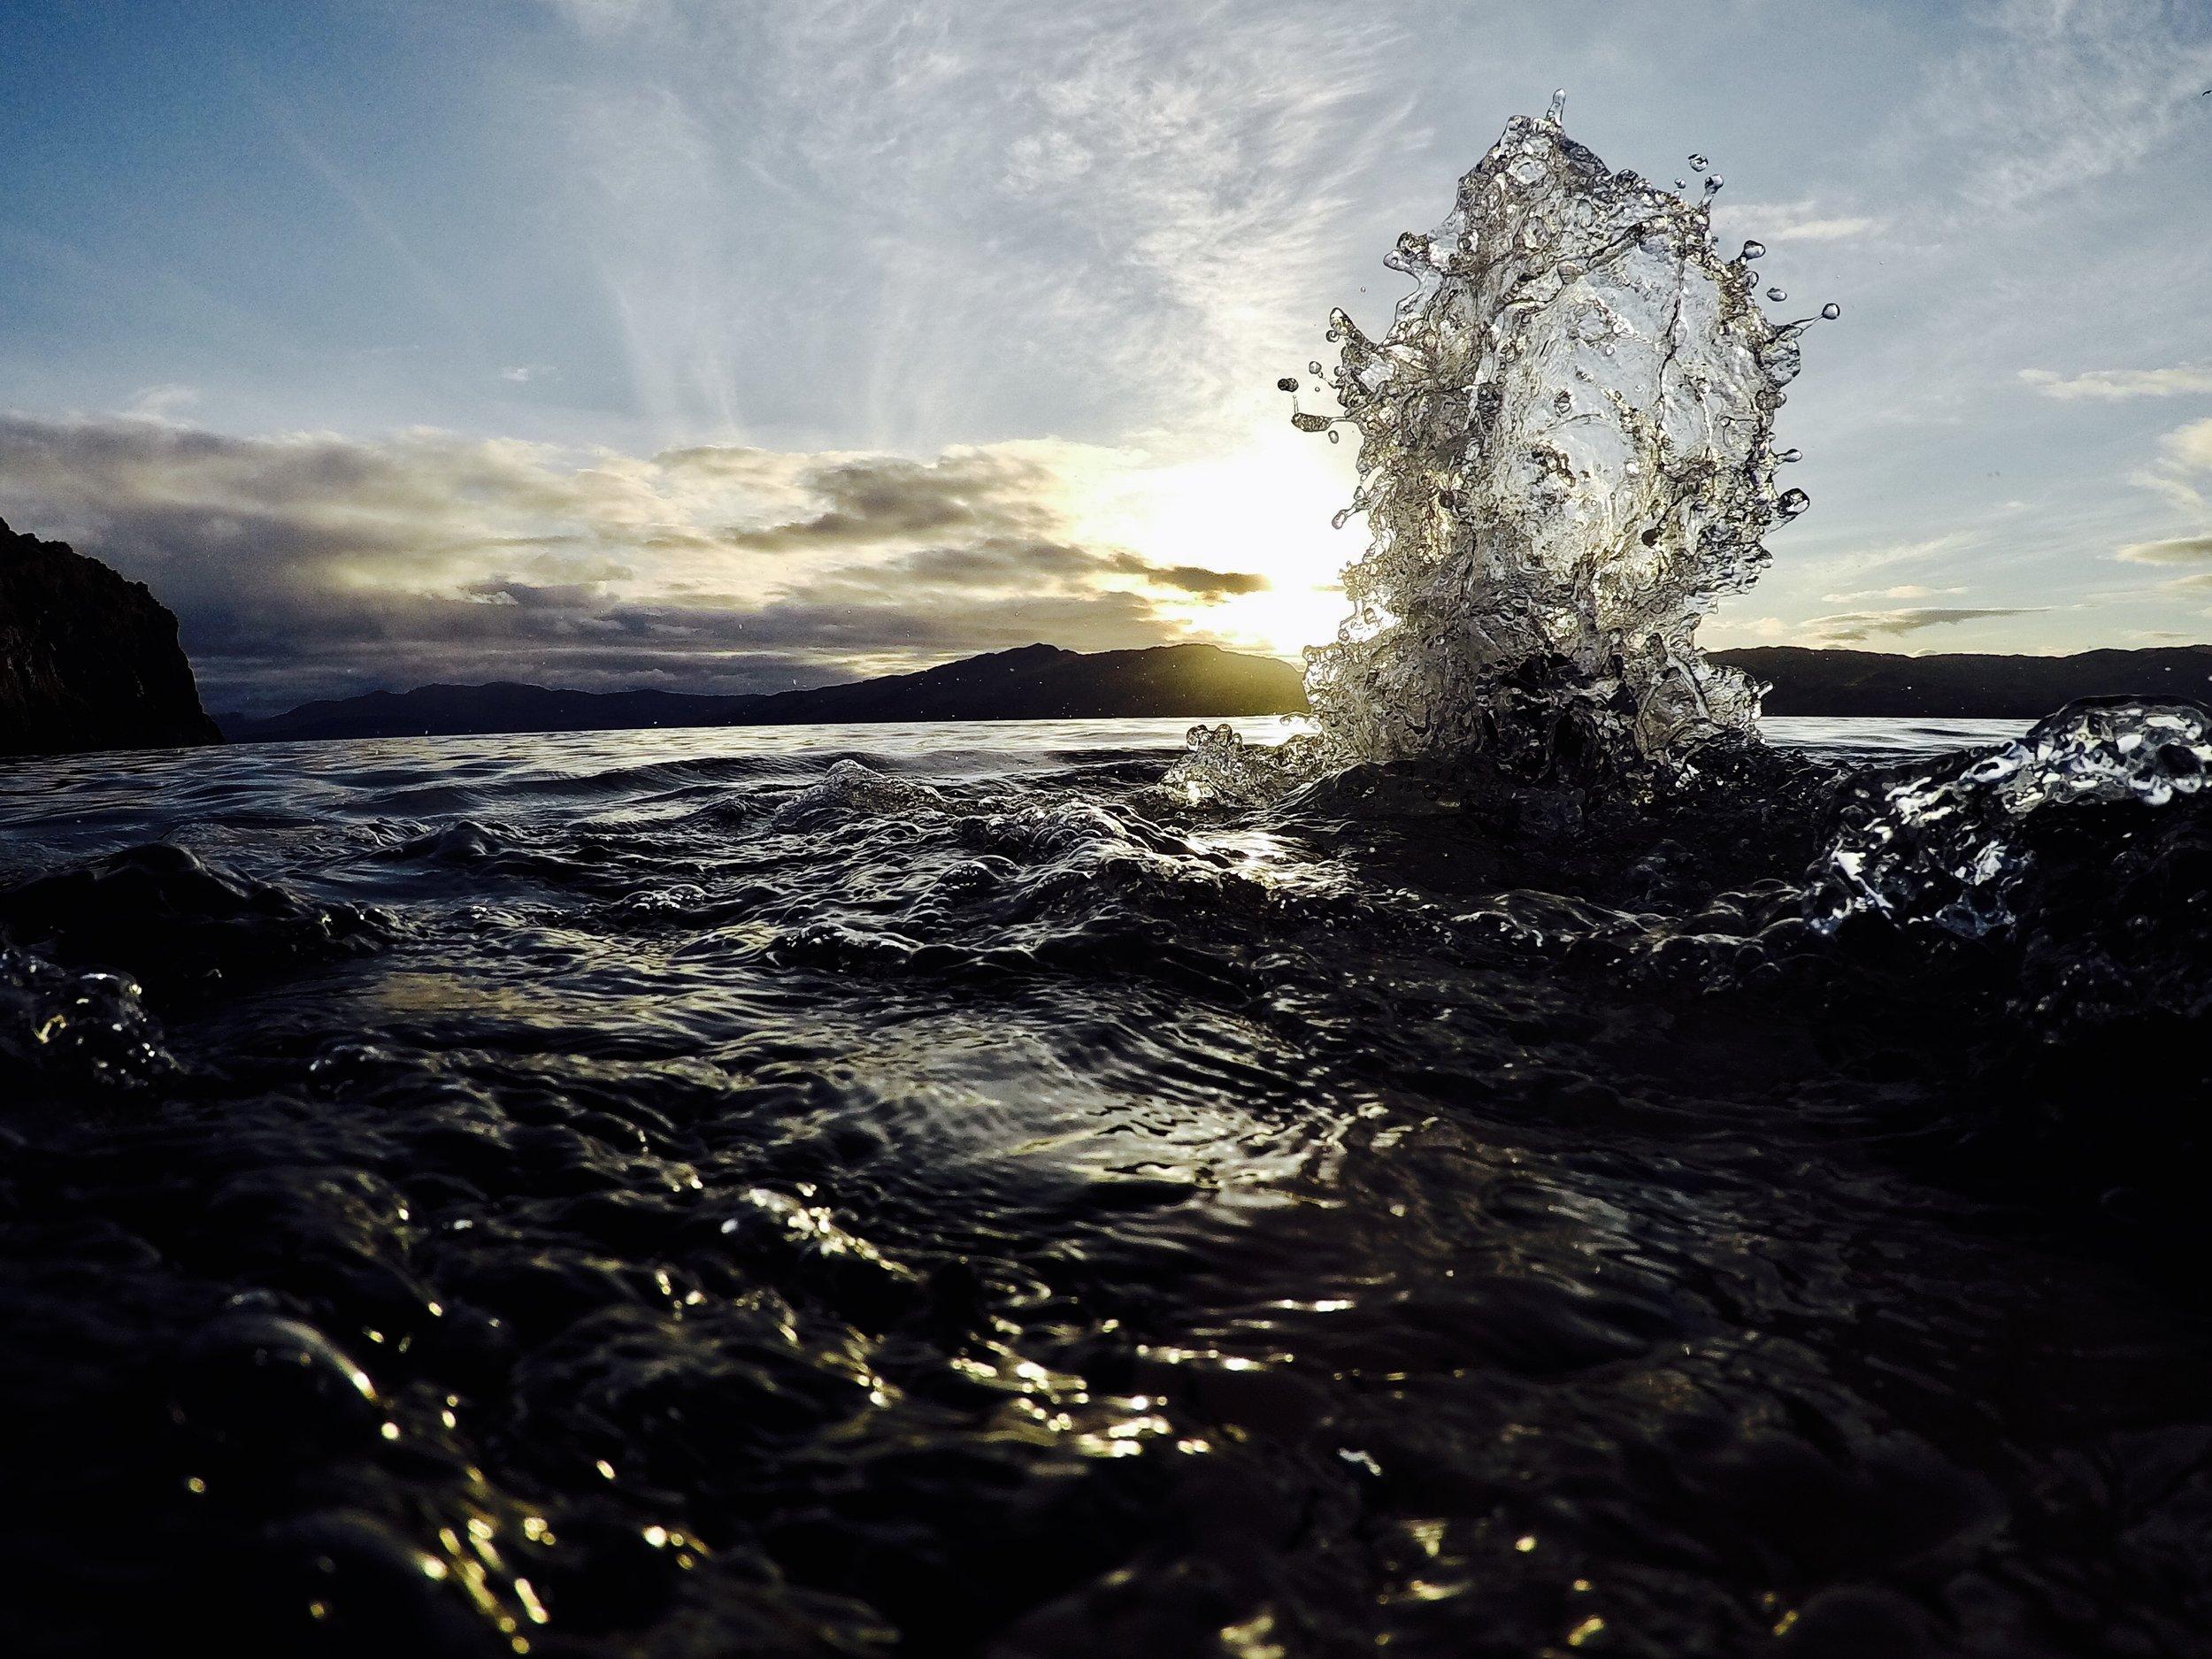 sloc bright splash FullSizeRender.jpg